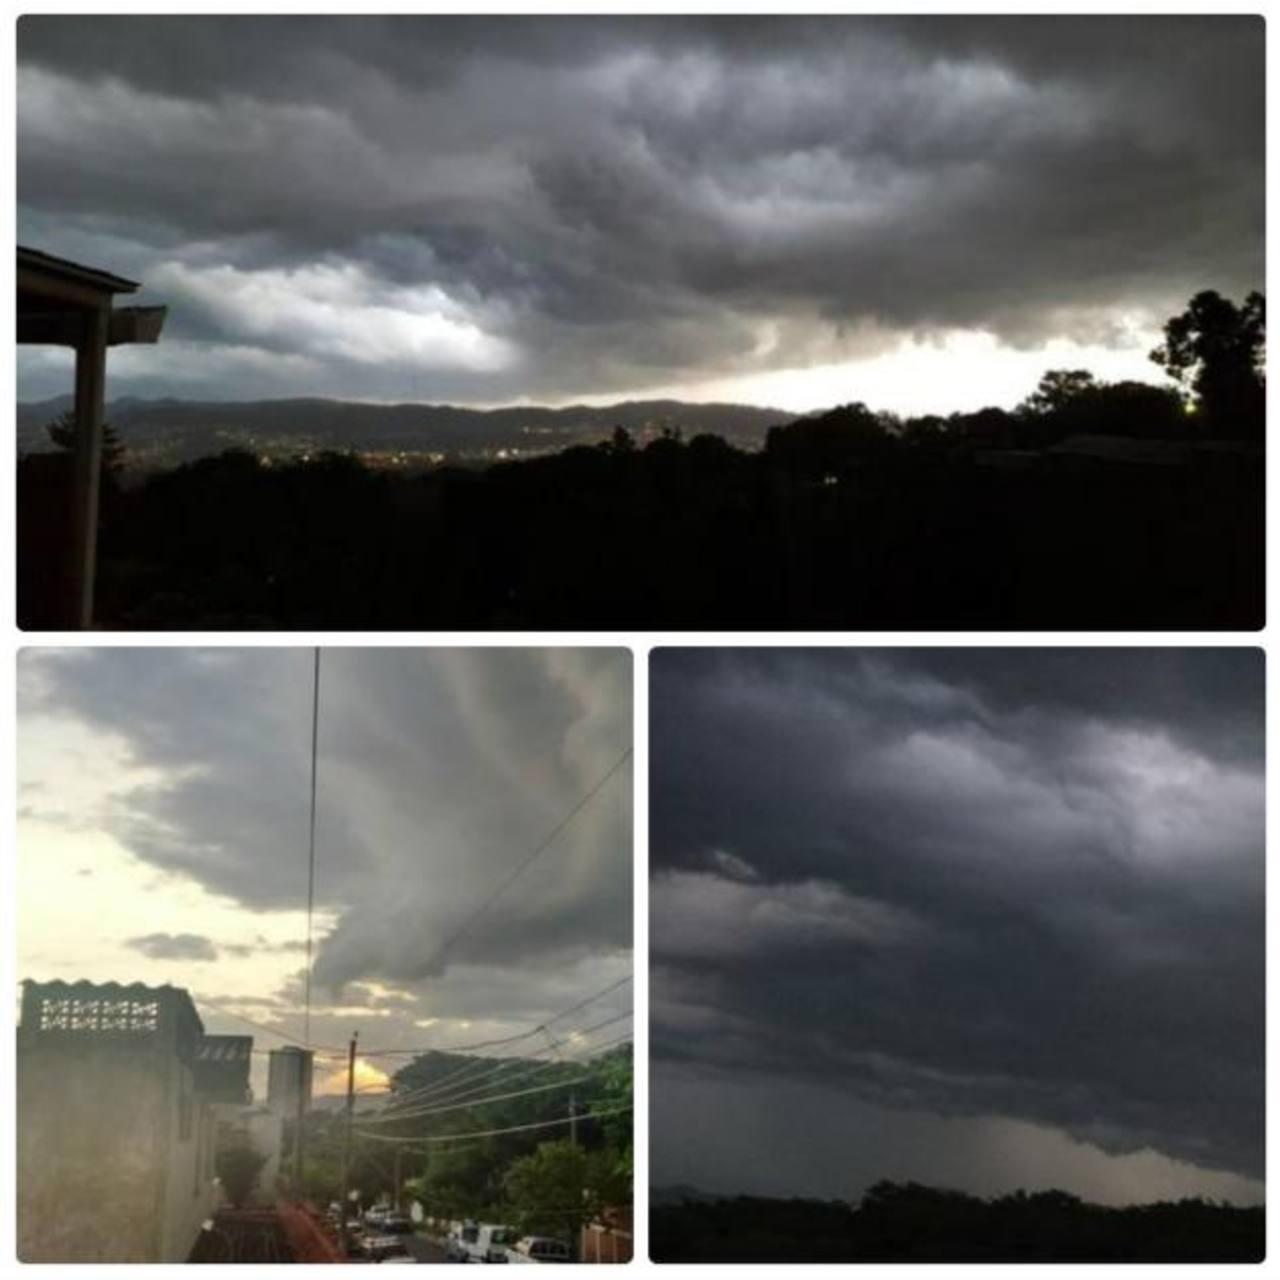 Lectores comparten imágenes previo a la tormenta de esta noche